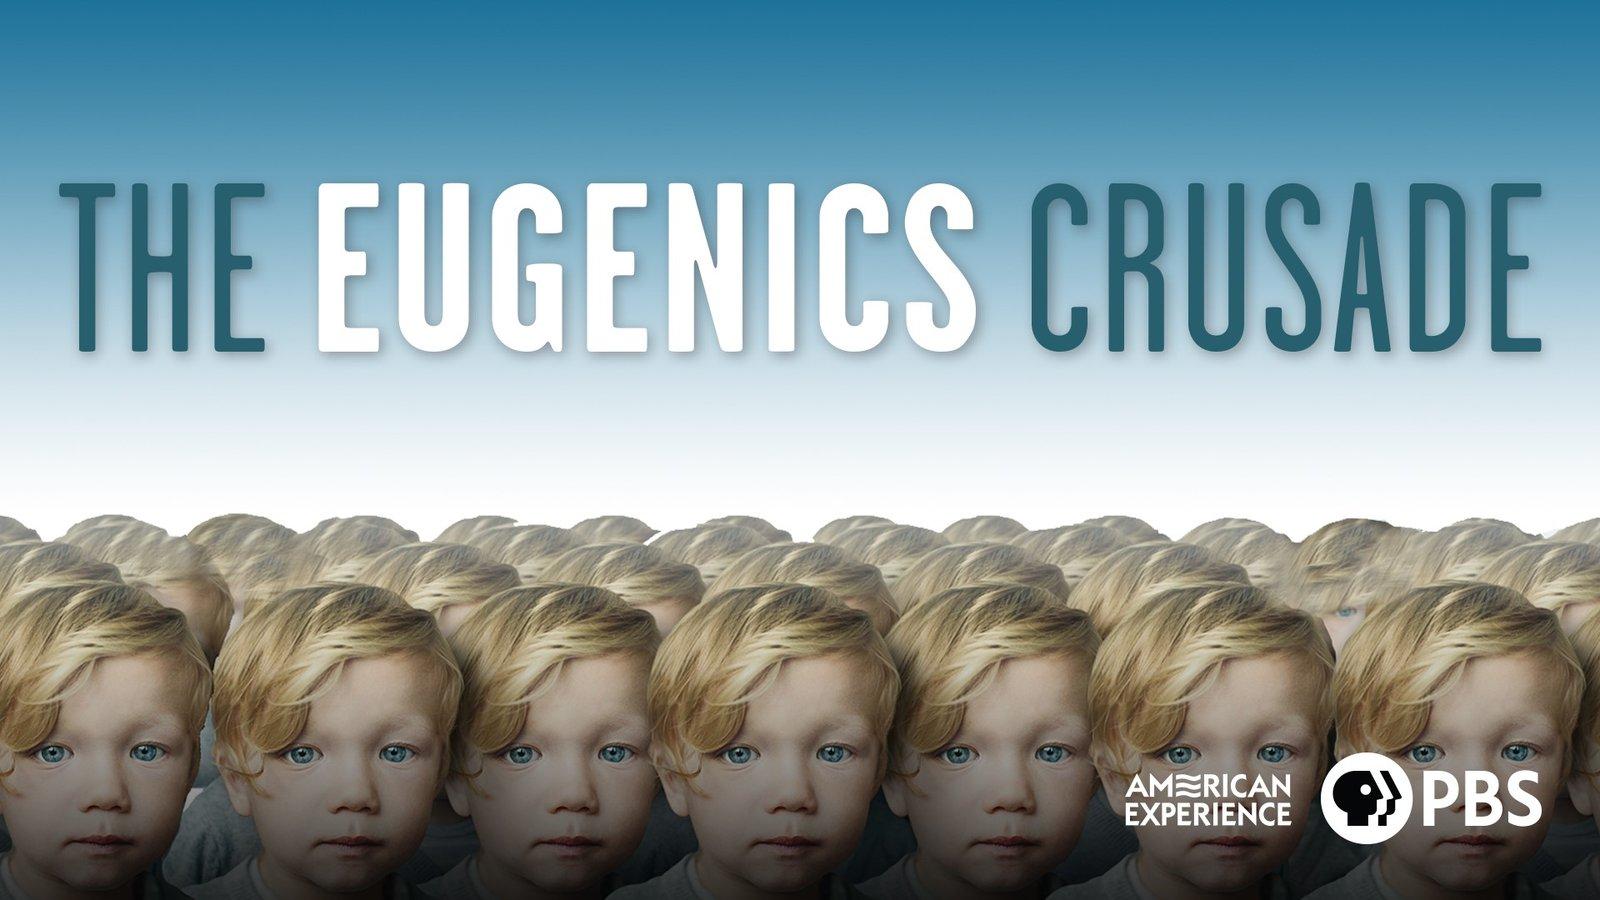 The Eugenics Crusade